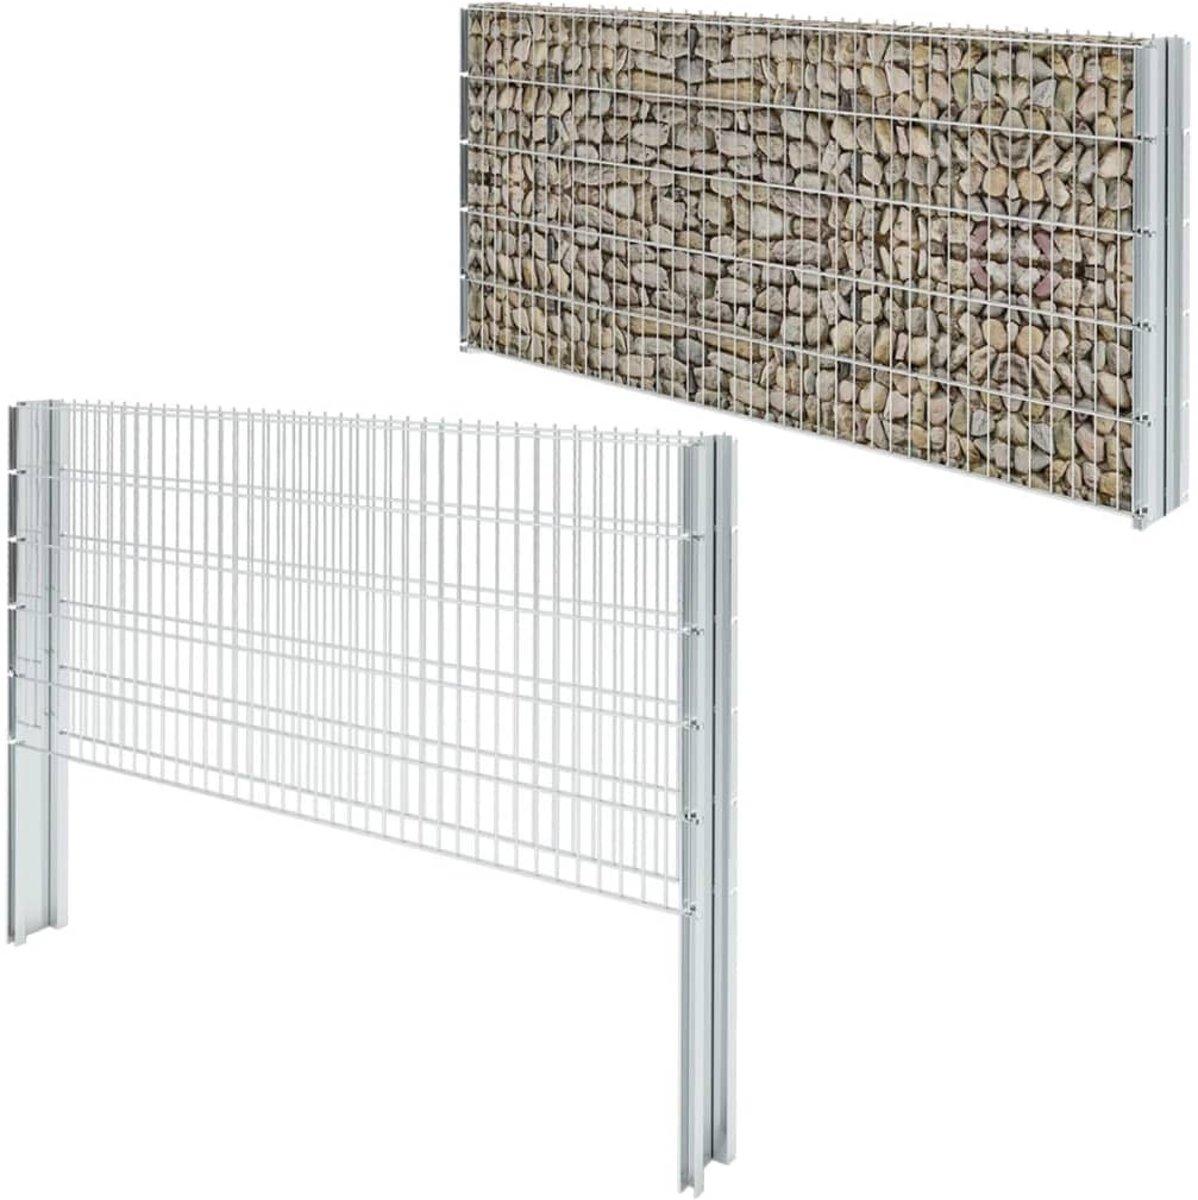 Schanskorf dubbelstaafmat 2008x1030 mm 12 m staal zilverkleurig (incl. Werkhandschoenen)